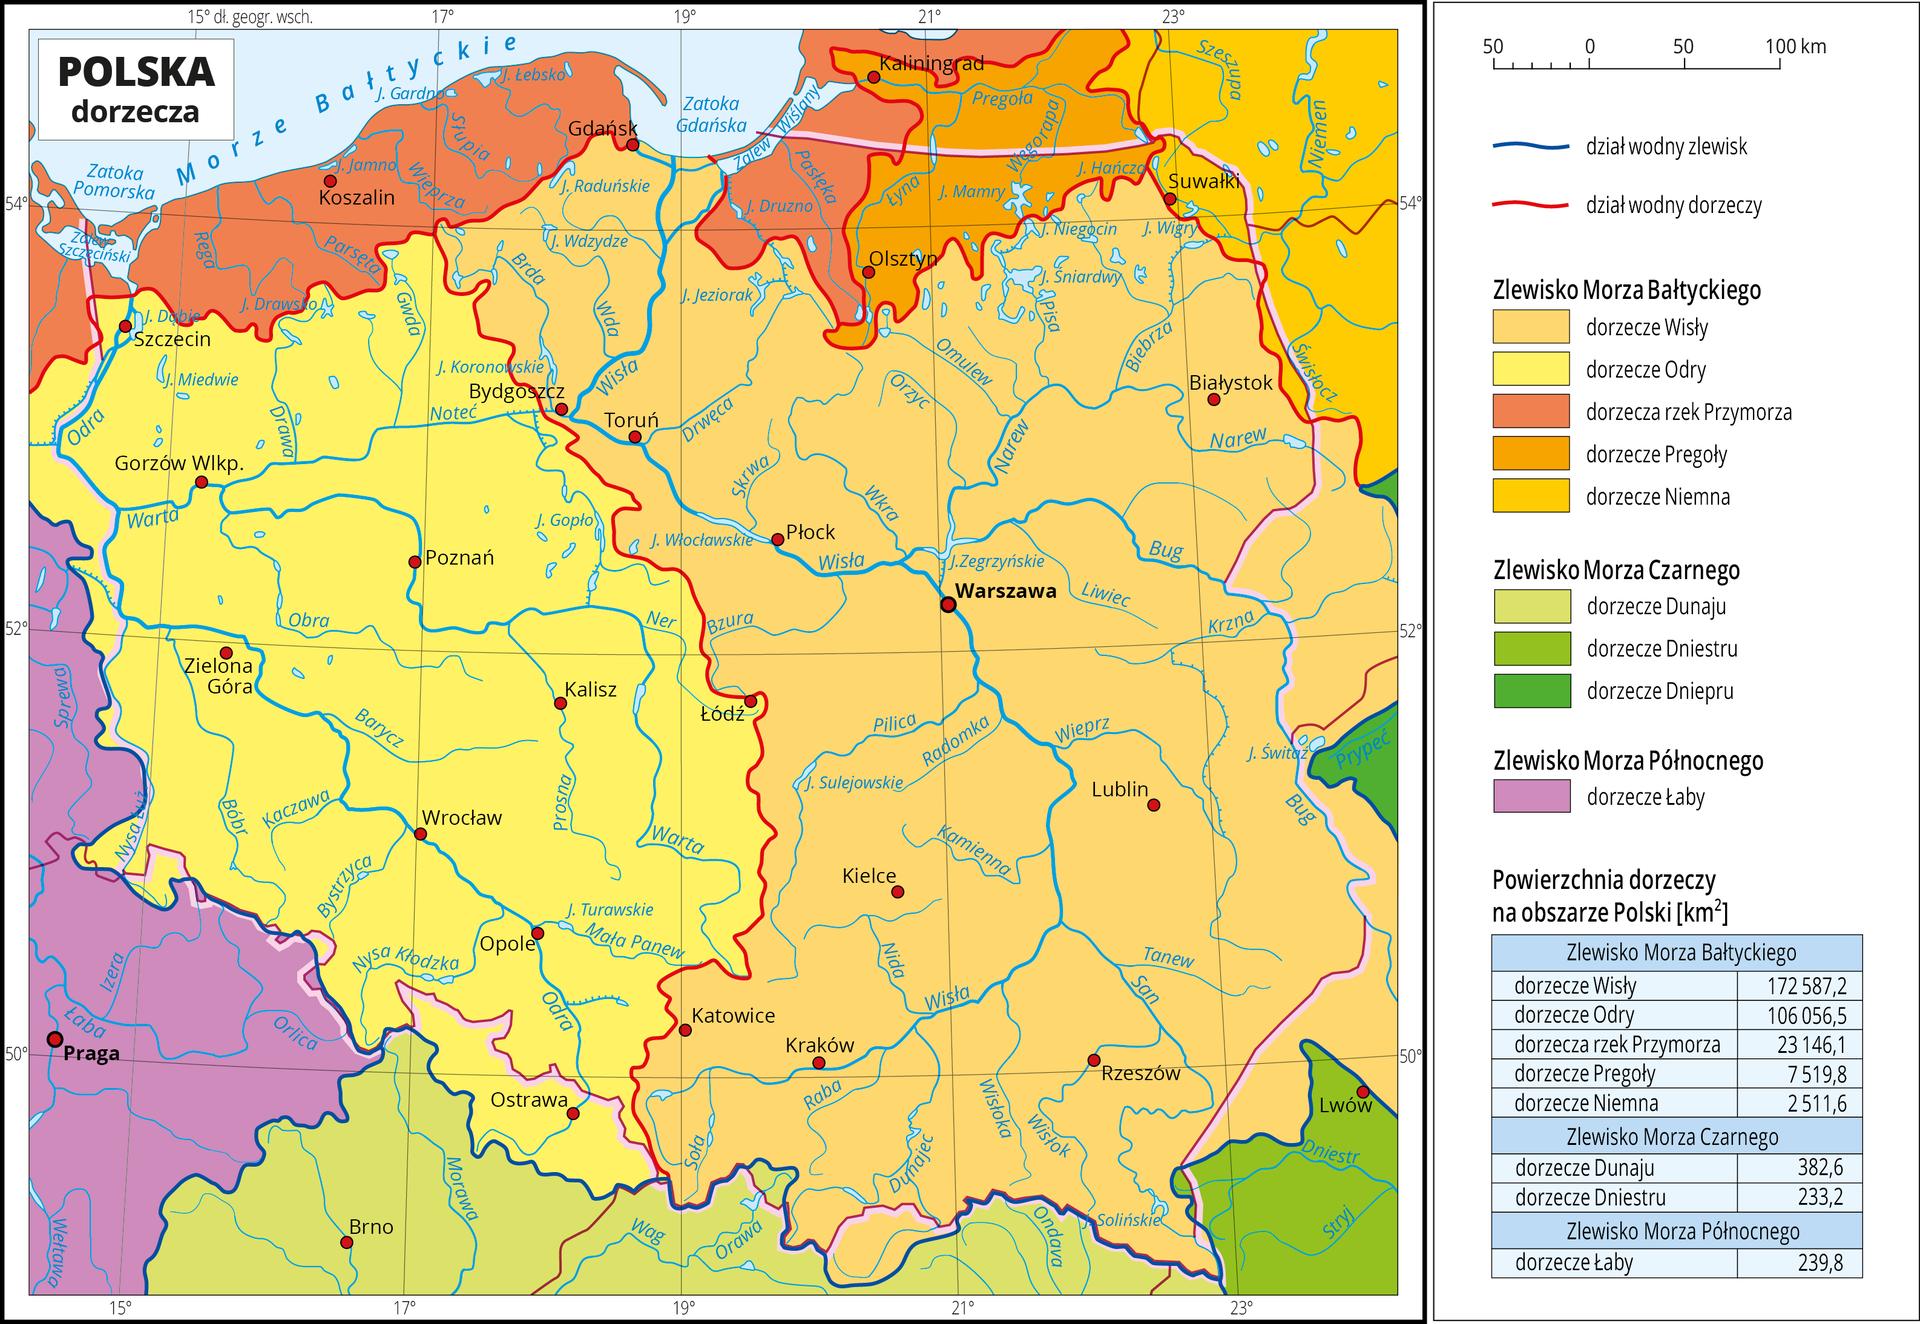 Ilustracja przedstawia mapę Polski. Na mapie granatową linią zaznaczono dział wodny zlewisk Morza Bałtyckiego, Morza Czarnego iMorza Północnego. Linia ta przebiega wzdłuż południowej granicy Polski wdużej mierze całkowicie się znią pokrywając. Kolorami oznaczono powierzchnie dorzeczy rzek na obszarze poszczególnych zlewisk. Kolory żółte ipomarańczowe obejmują zlewisko Morza Bałtyckiego czyli dorzecze Wisły, Odry, Pregoły, Niemna irzek Przymorza izajmują centralną oraz północną część mapy. Kolory zielone obejmują zlewisko Morza Czarnego czyli dorzecze Dunaju, Dniestru iDniepru iobejmują południową część mapy oraz niewielkie obszary wrejonie wschodniej granicy Polski. Kolorem fioletowym oznaczono zlewisko Morza Północnego, które na mapie pokrywa się zdorzeczem Łaby. Czerwoną linią przedstawiono działy wodne dorzeczy. Czerwonymi kropkami zaznaczono miasta wojewódzkie. Opisano rzeki ijeziora. Po prawej stronie mapy wlegendzie umieszczono wpionie dziewięć kolorowych prostokątów, które opisano nazwami dorzeczy. Poniżej podano tabelę zinformacjami na temat wielkości powierzchni poszczególnych dorzeczy.